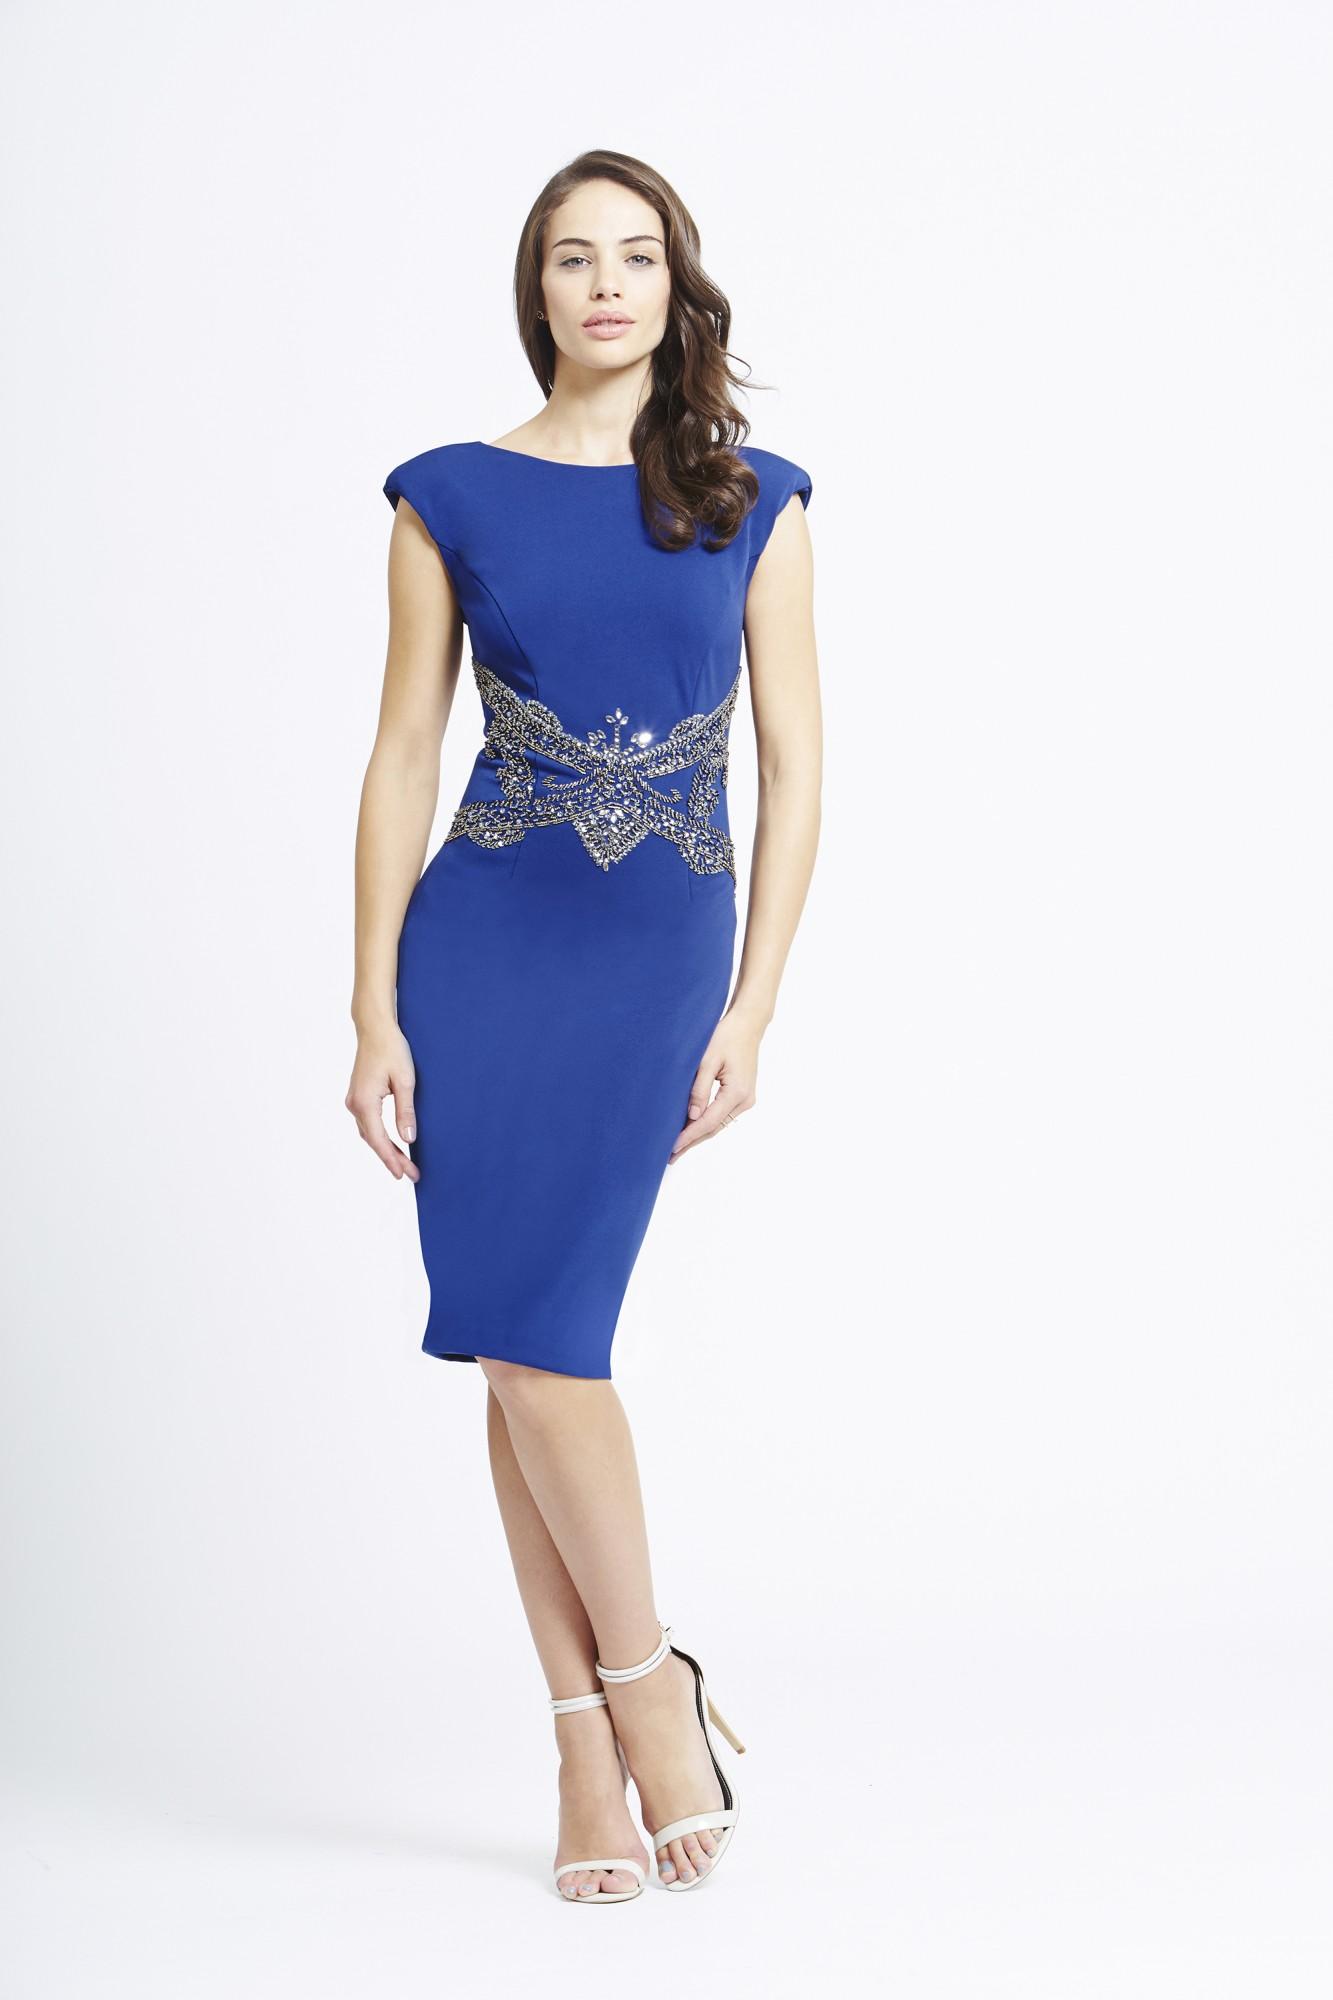 Rochie de ocazie albastru roial LITTLE MISTRESS cu aplicatii pe talie